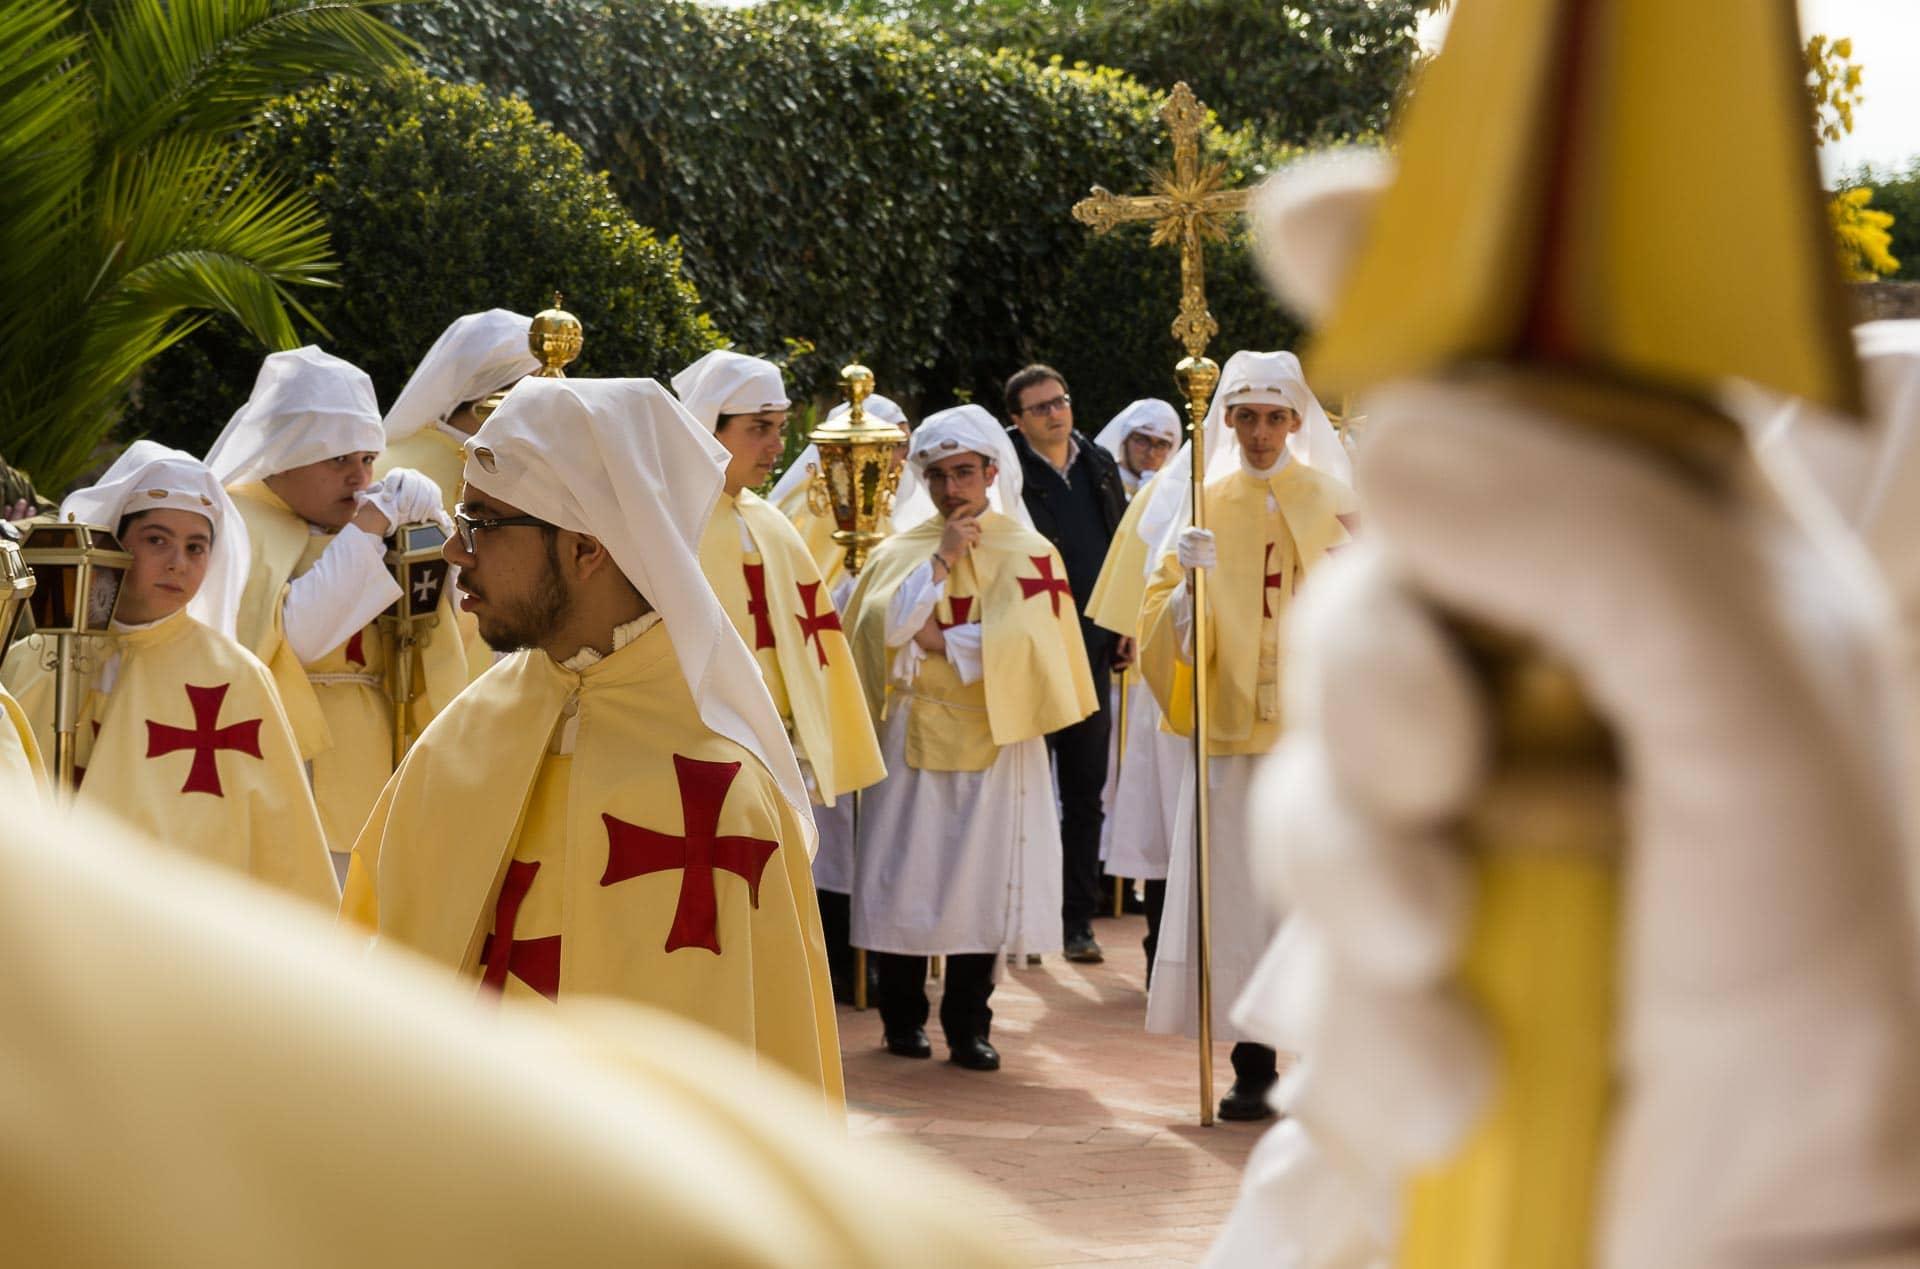 Sycylia - procesja bractw w Wielki Piątek